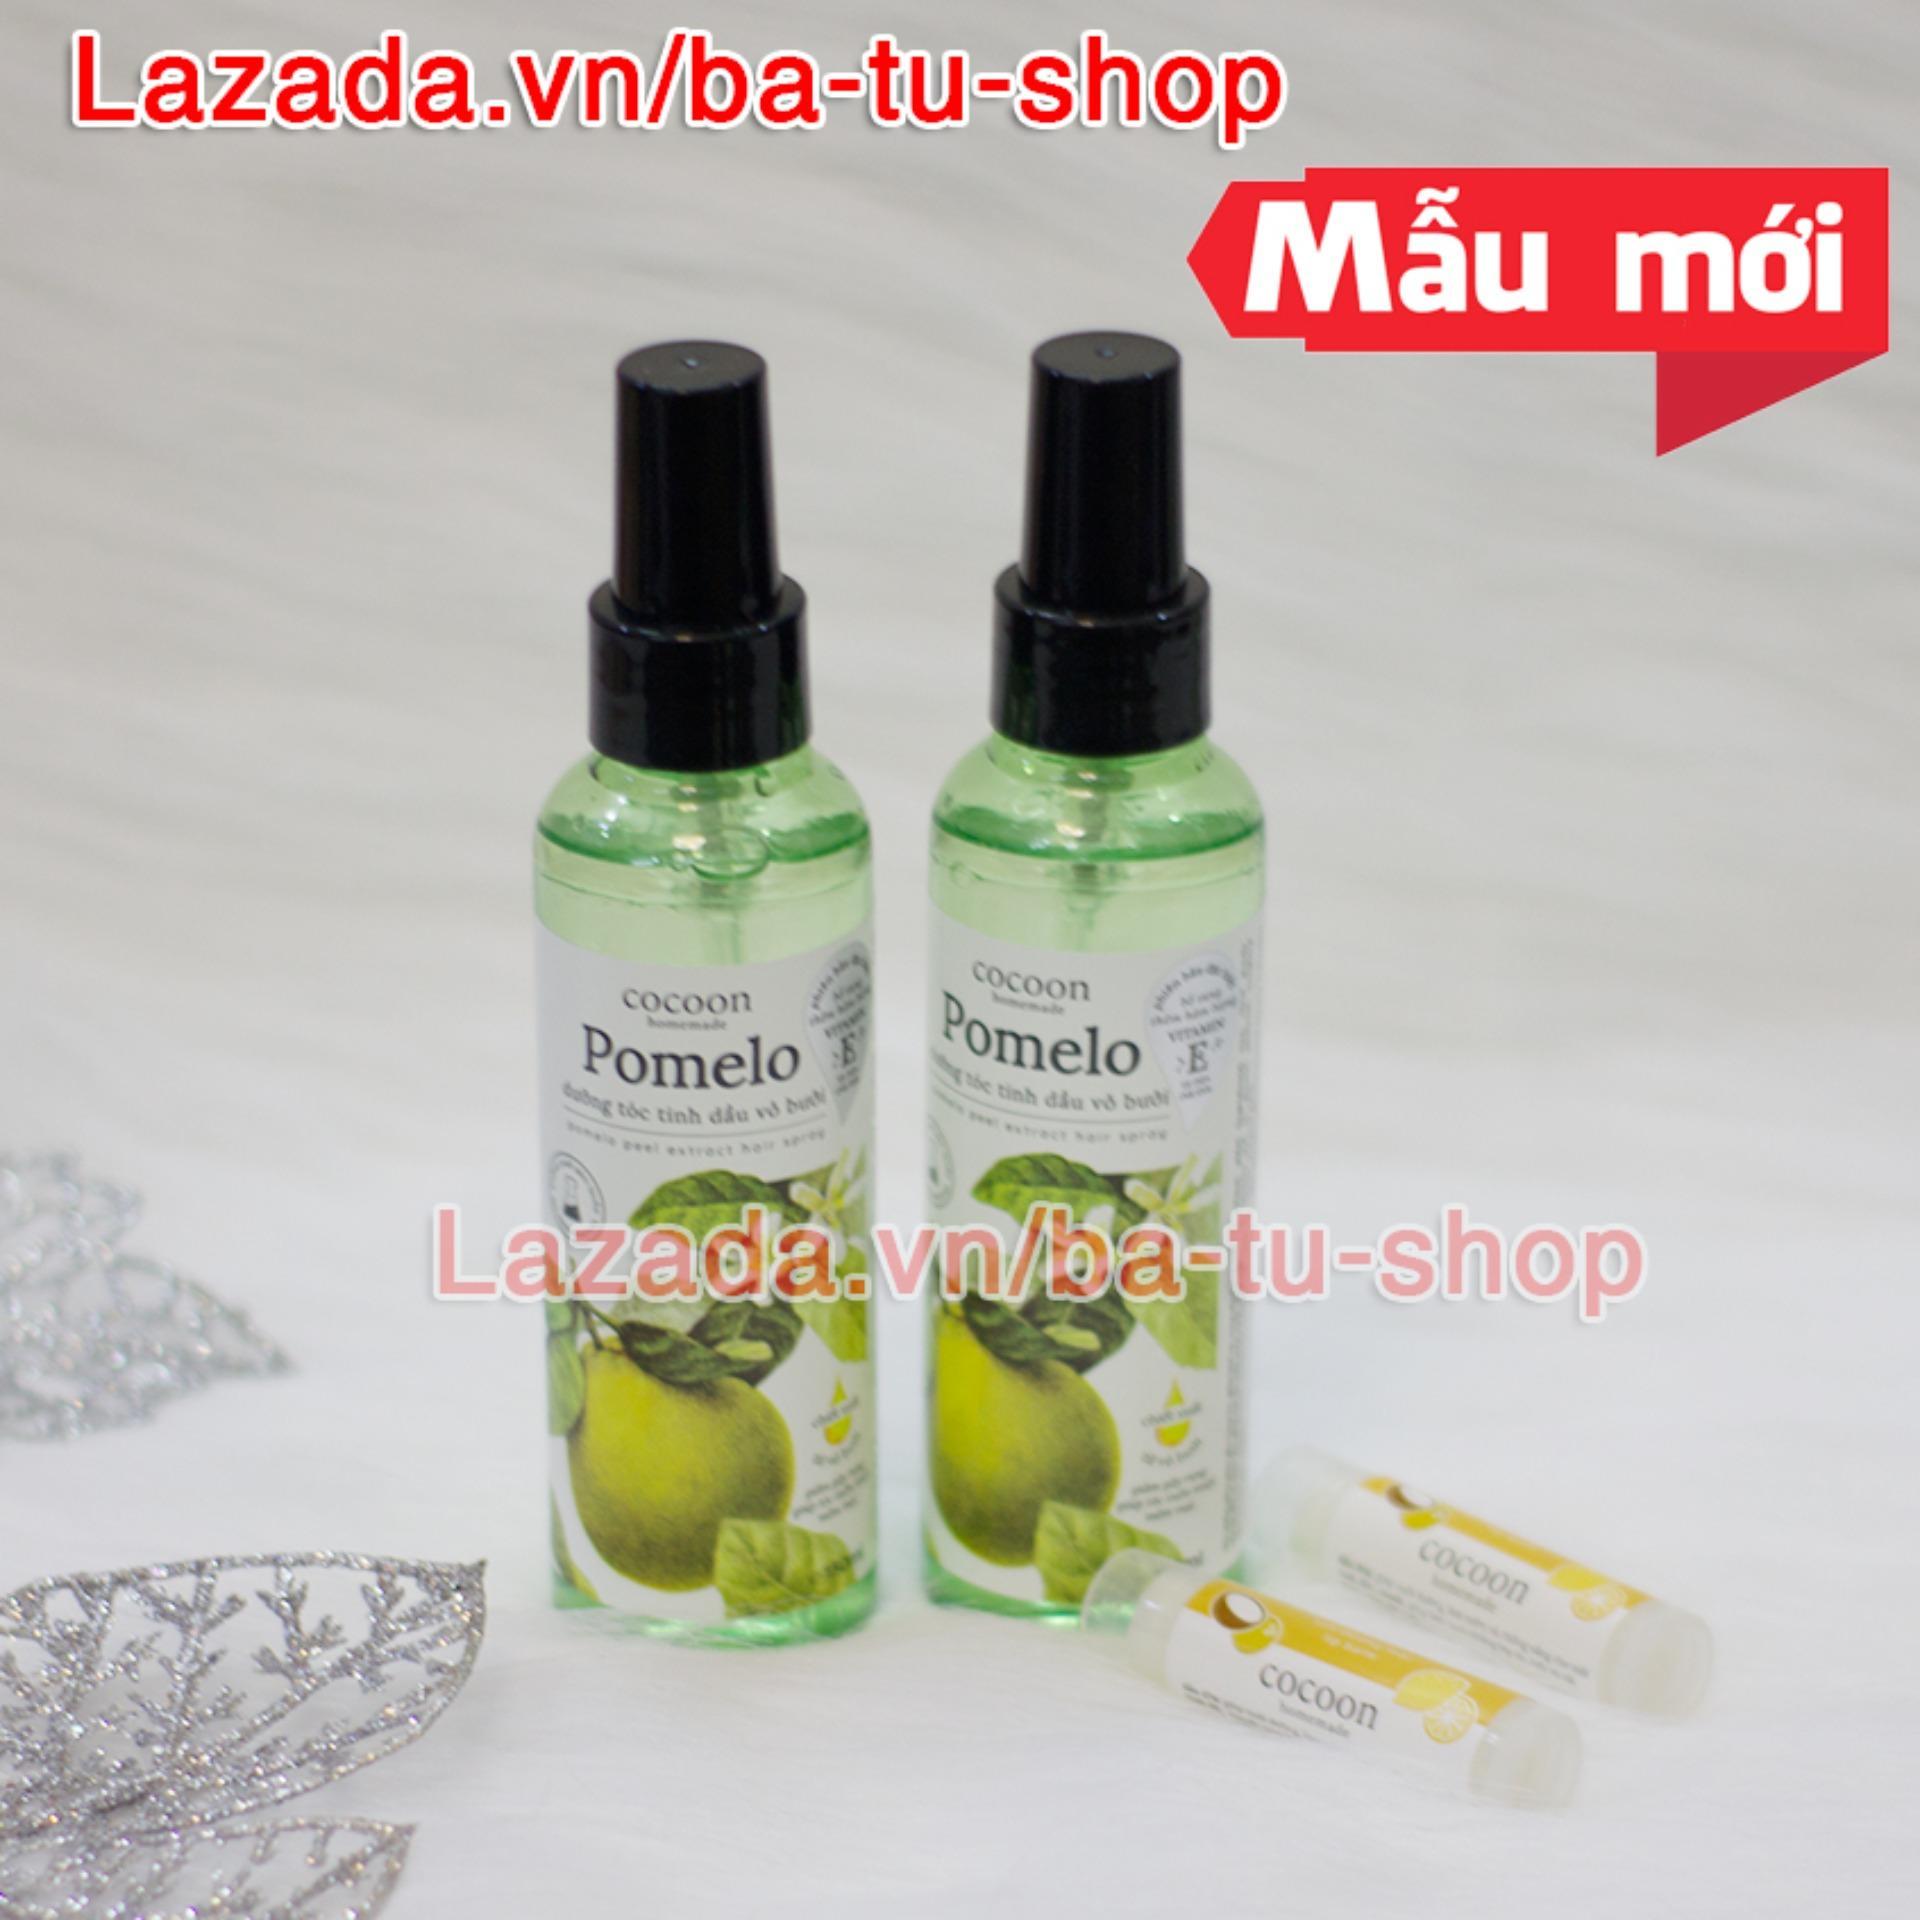 Bộ 2 Chai (TẶNG 2 SON) Xịt Tinh Dầu Bưởi Pomelo Ngăn rụng tóc giúp tóc dài và dày hơn 130ml x 2